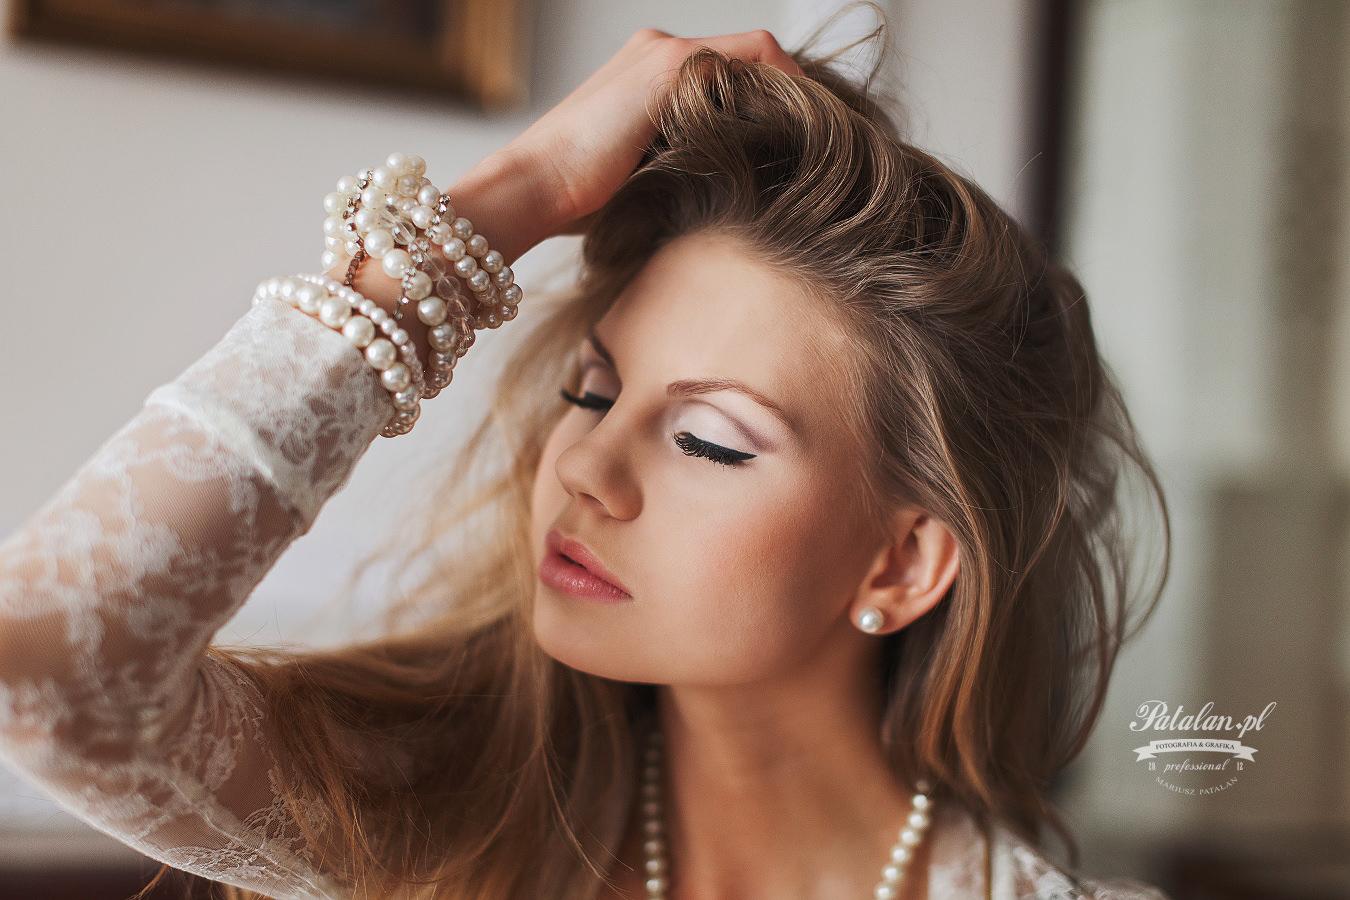 golden pixel studio, seksowna modelka, oświetlenie w plenerze,  sesja w apartamencie, modelka w bieliźnie,   fitness modelka, sexsowna modelka, zmysłowy portret